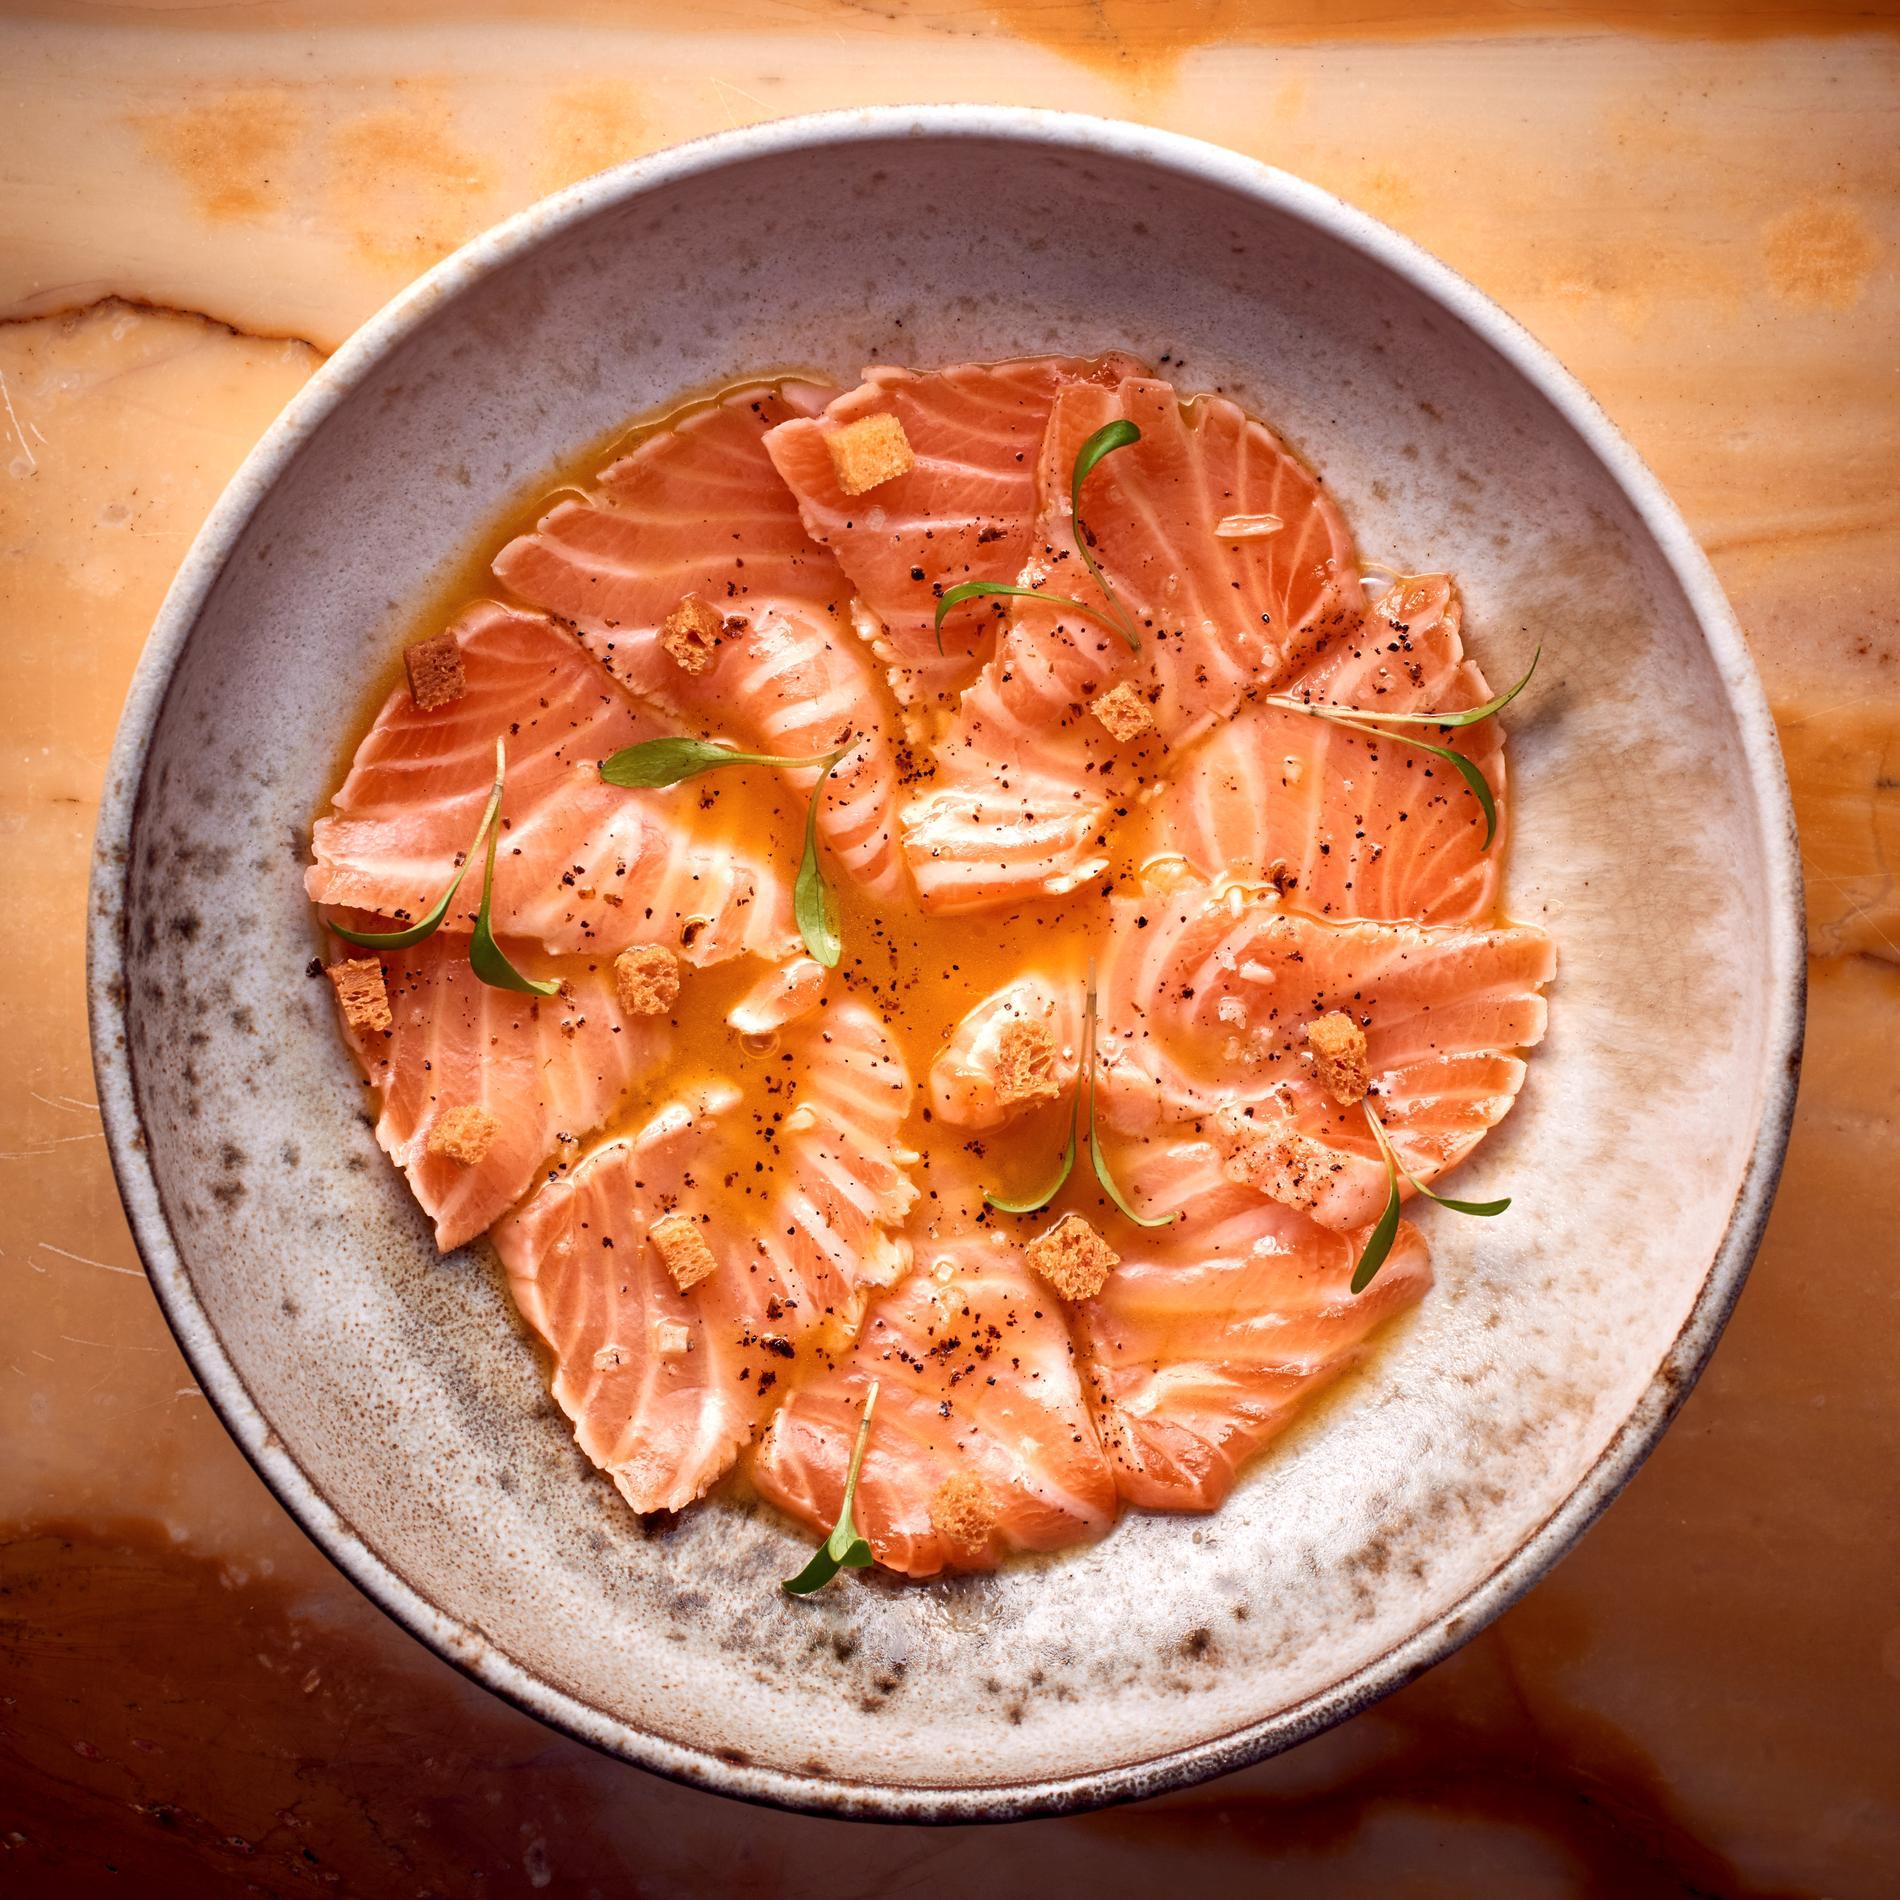 recette saumon mi cuit vinaigrette fruit de la passion poivre du n pal cuisine madame figaro. Black Bedroom Furniture Sets. Home Design Ideas